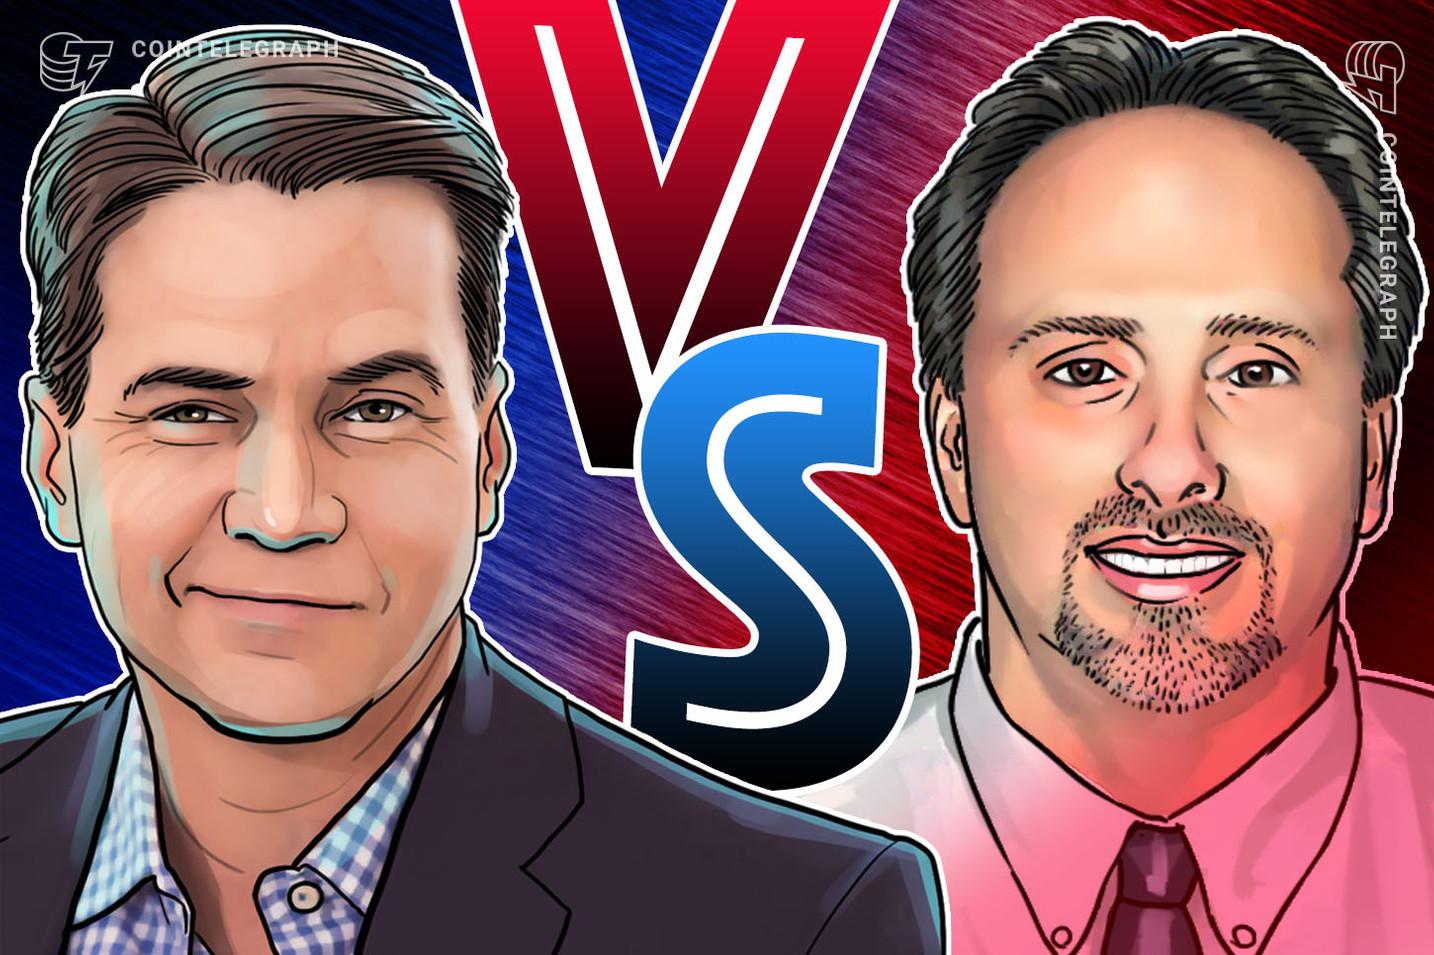 Caso Kleiman: Wright chiede una proroga da 30 giorni per posticipare il pagamento da 500.000 Bitcoin